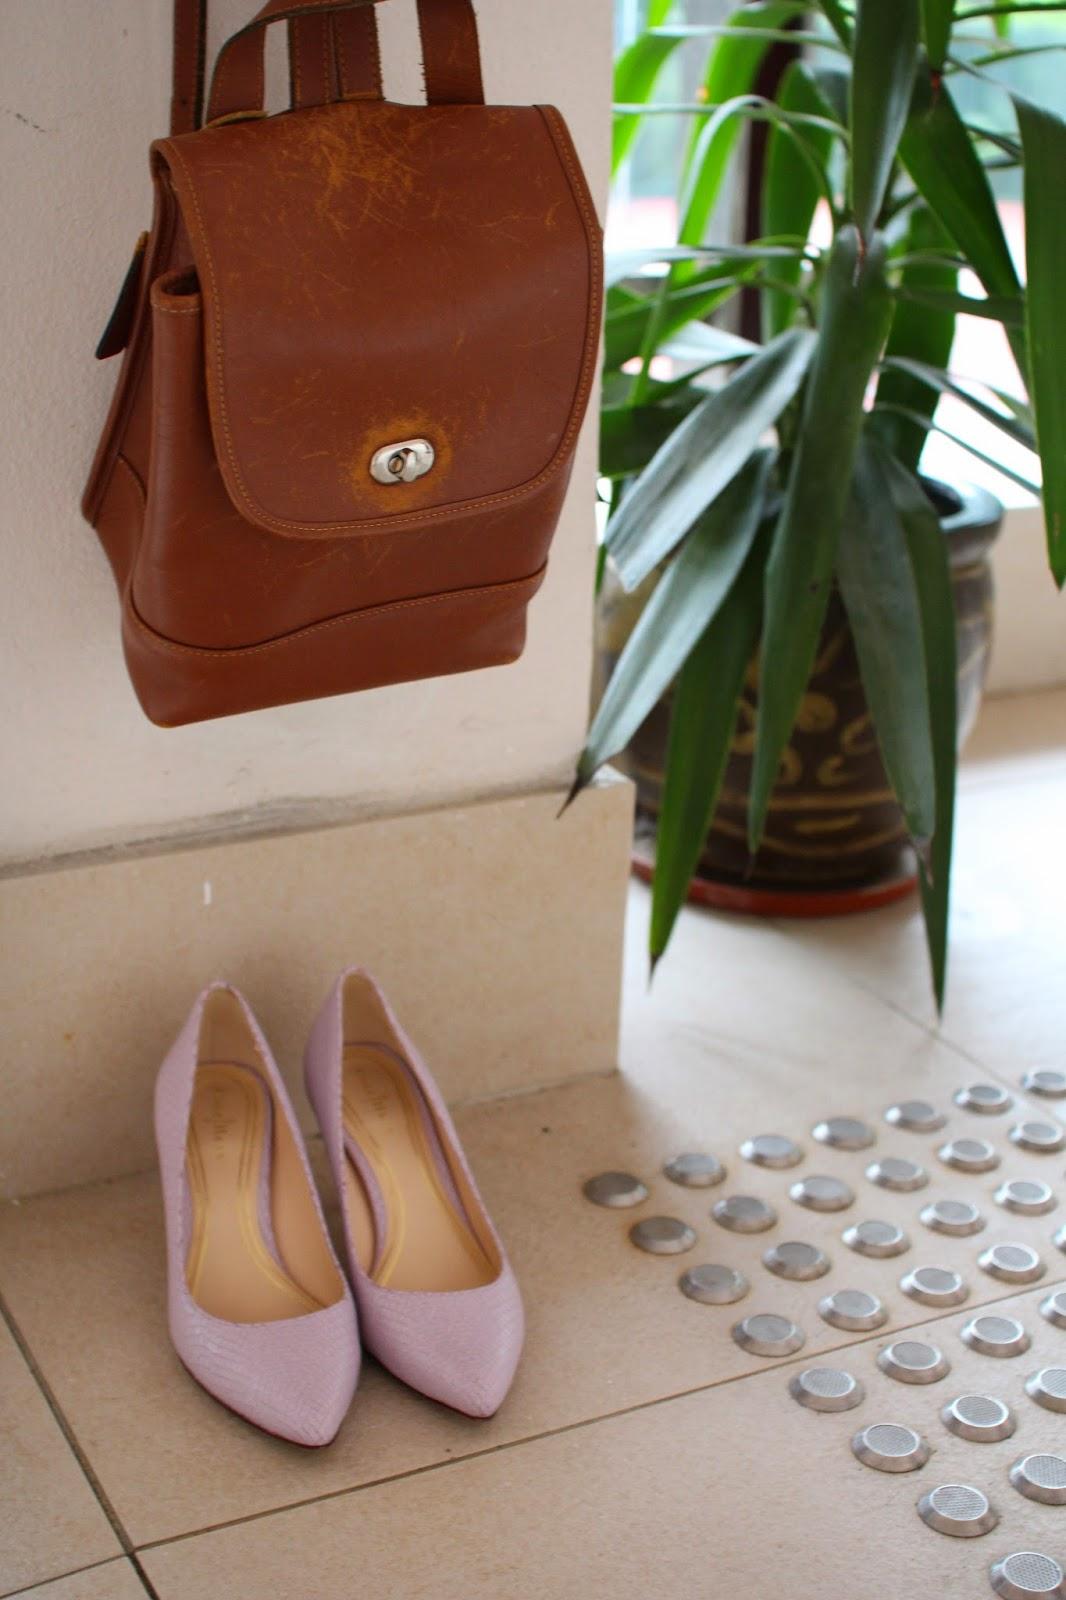 coach bag, leather bag, coach backpack, leather backpack, vintage backpack, flea market finds, leather backpack, cole haan heels, pastel purple pumps